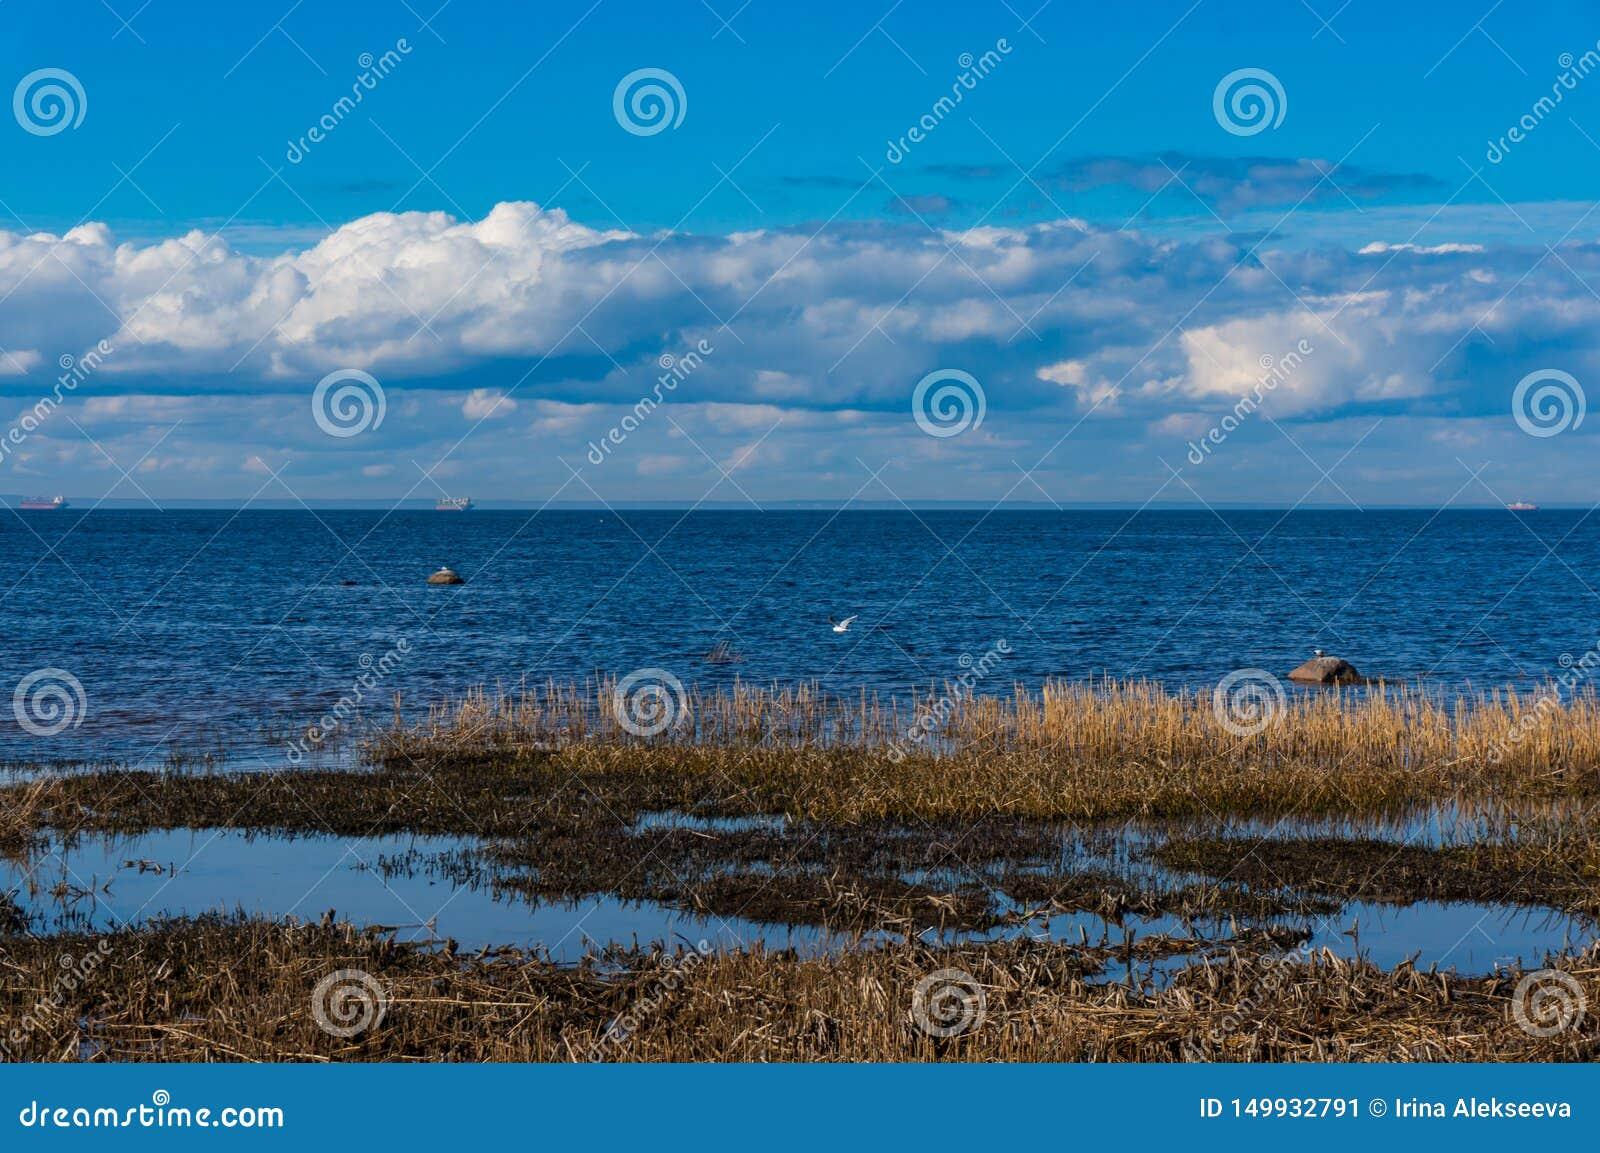 Στην ακτή του Κόλπου της Φινλανδίας την πρώιμη άνοιξη μια σαφή ηλιόλουστη ημέρα Άνοιξη στον κόλπο Νότια παράλια του Κόλπου της Φι